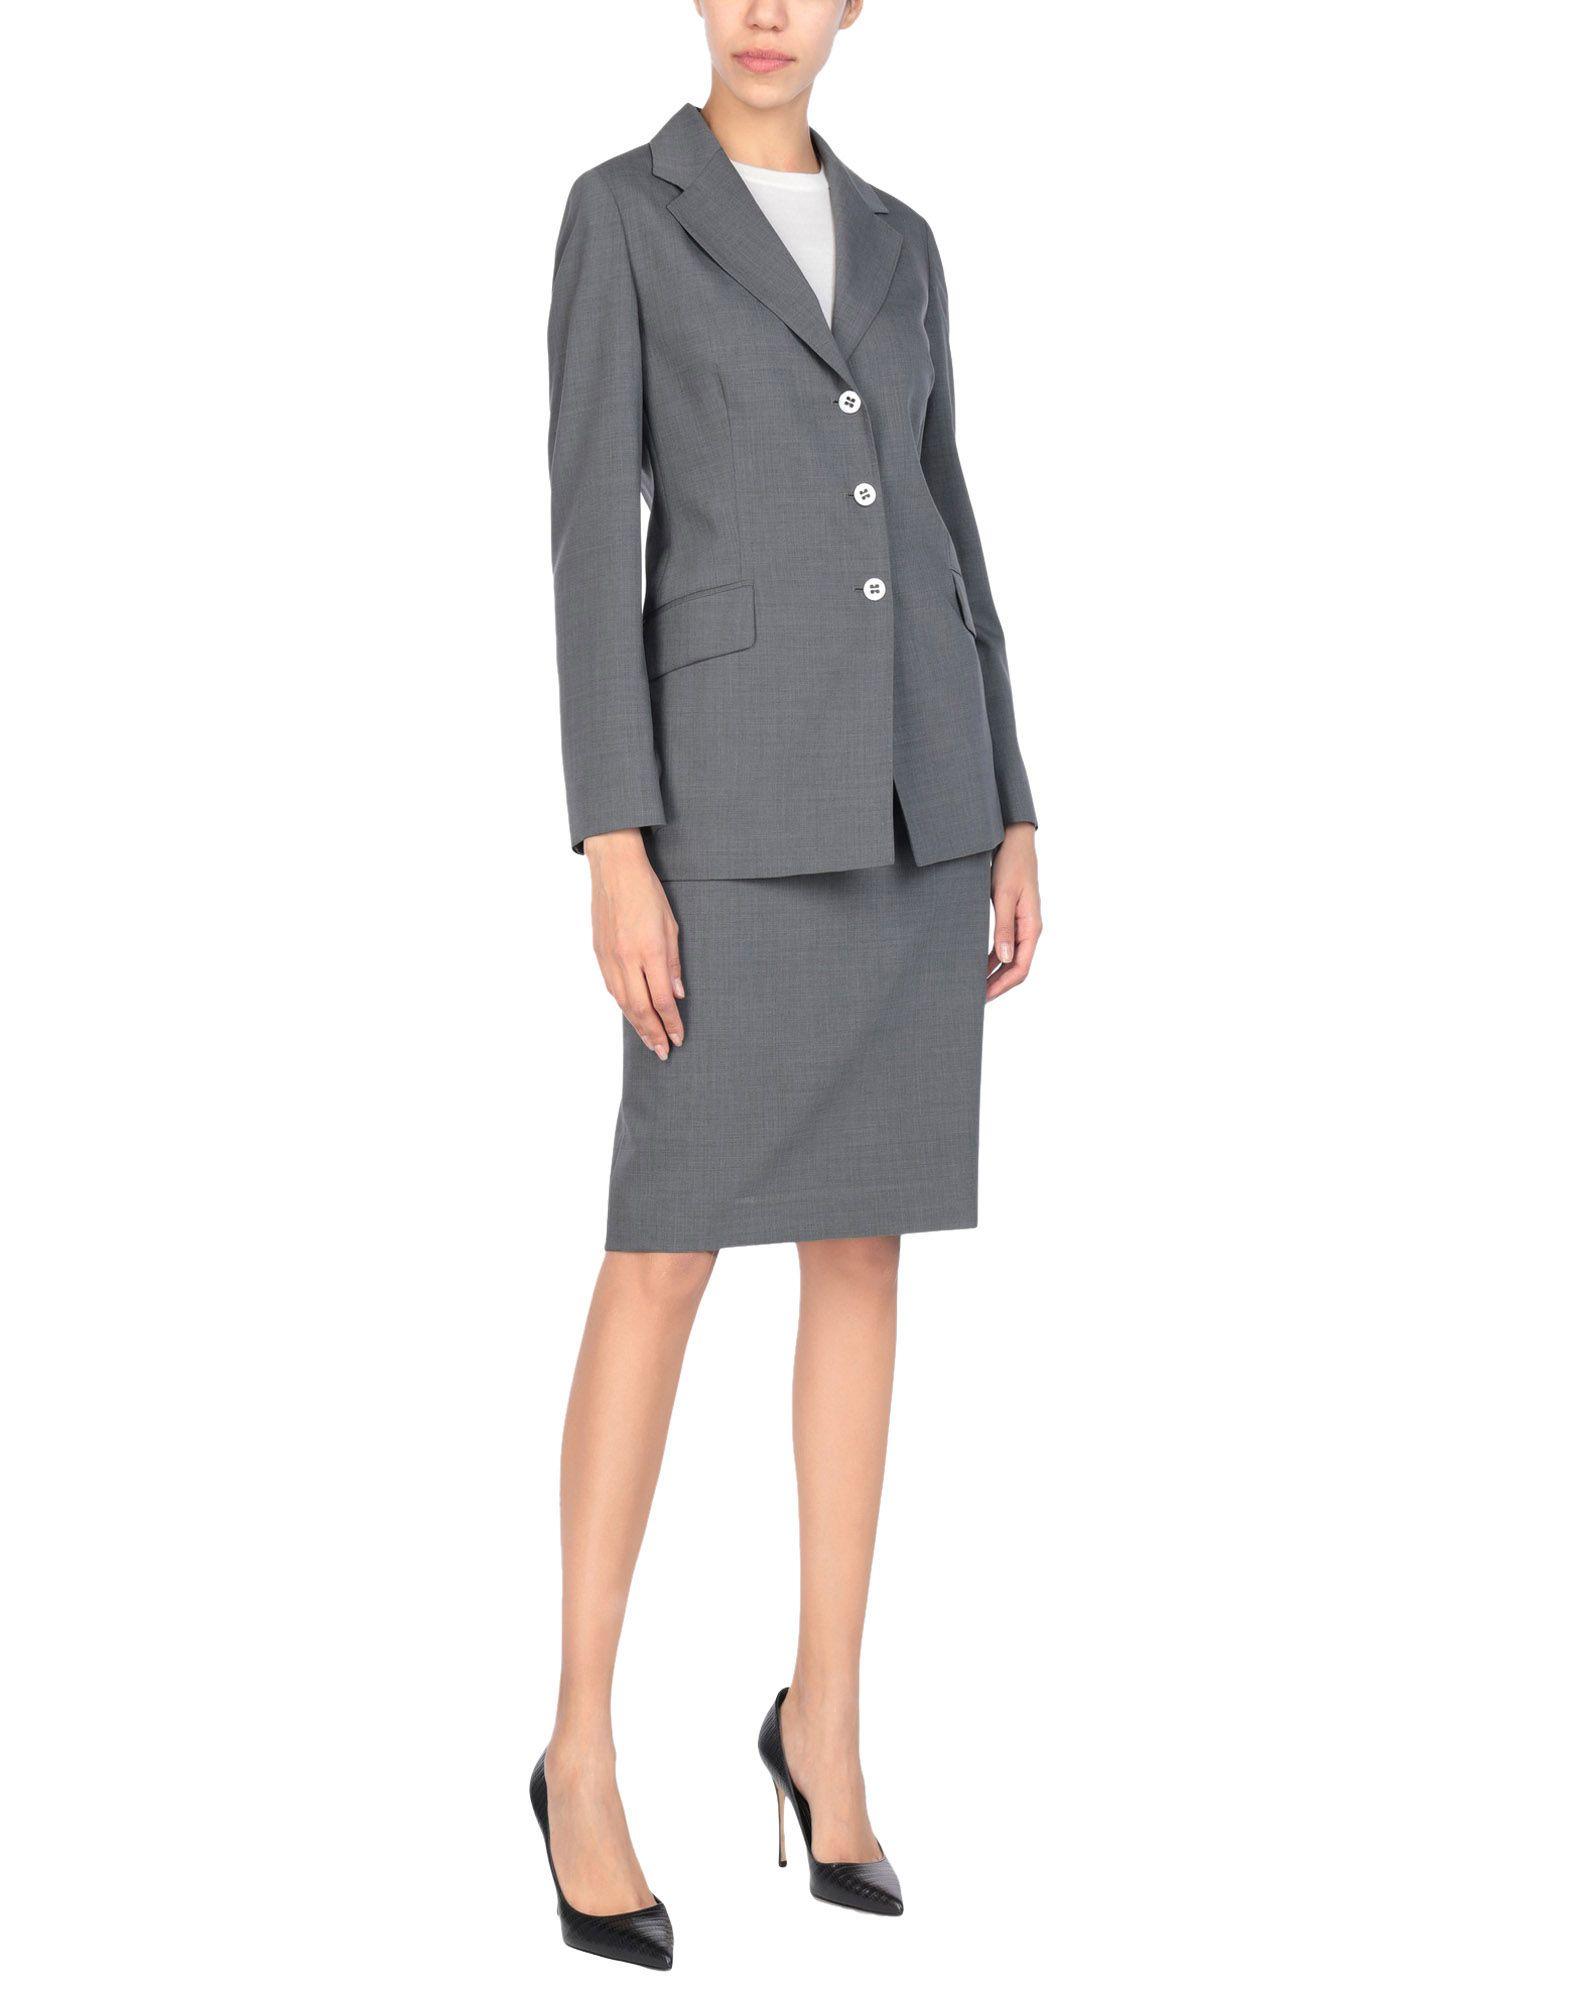 ANNISSIMA Классический костюм классический галстук аксессуар robe длинные tie костюм диагональные полосы терилен